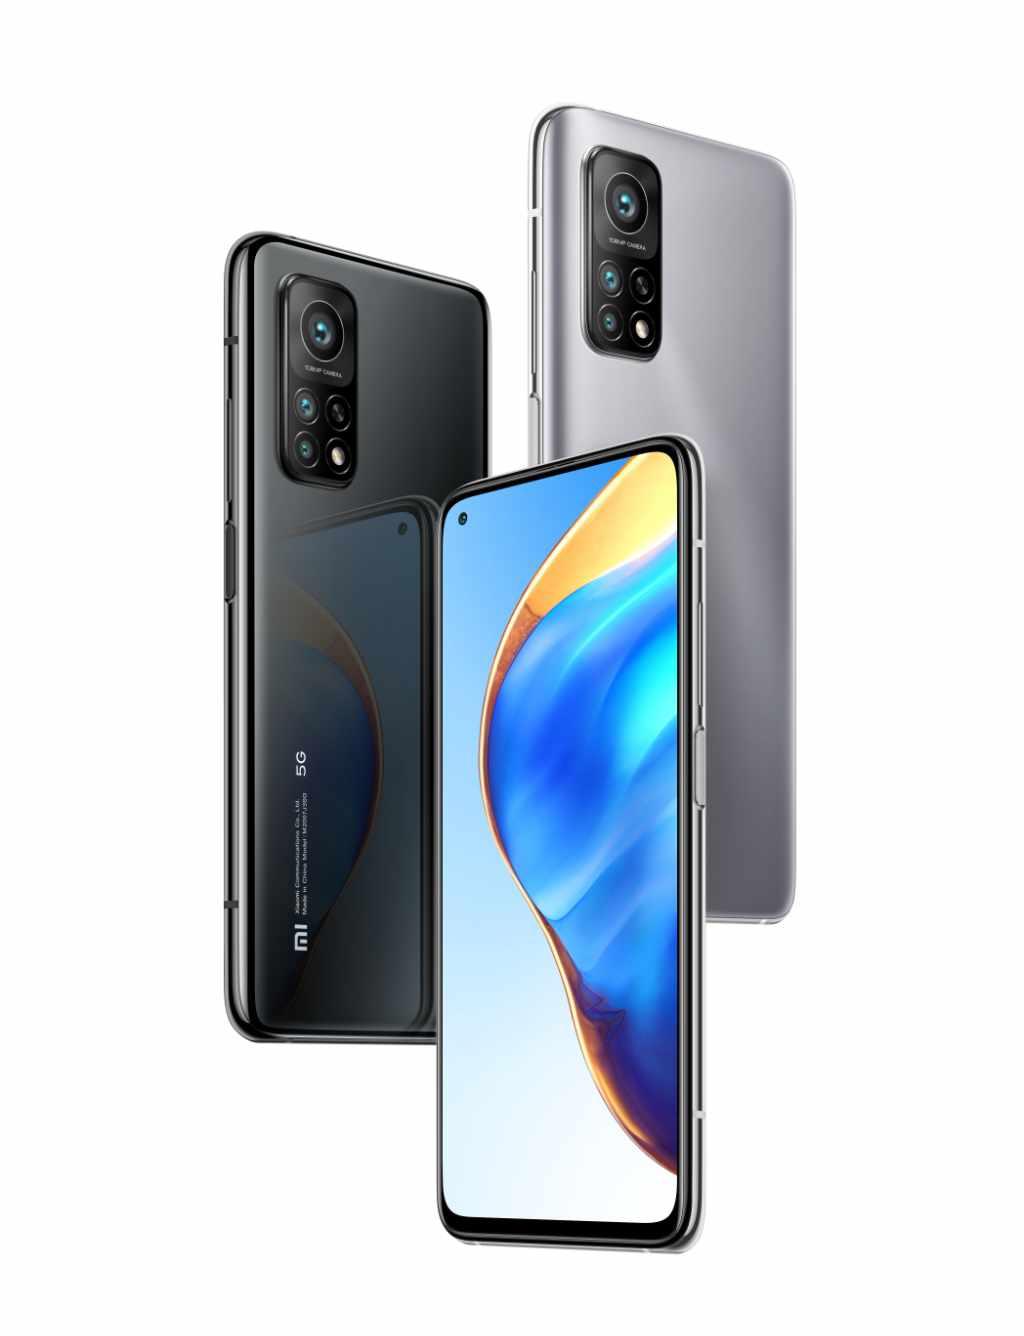 Das Xiaomi Mi 10T Pro. (Bild: Xiaomi)